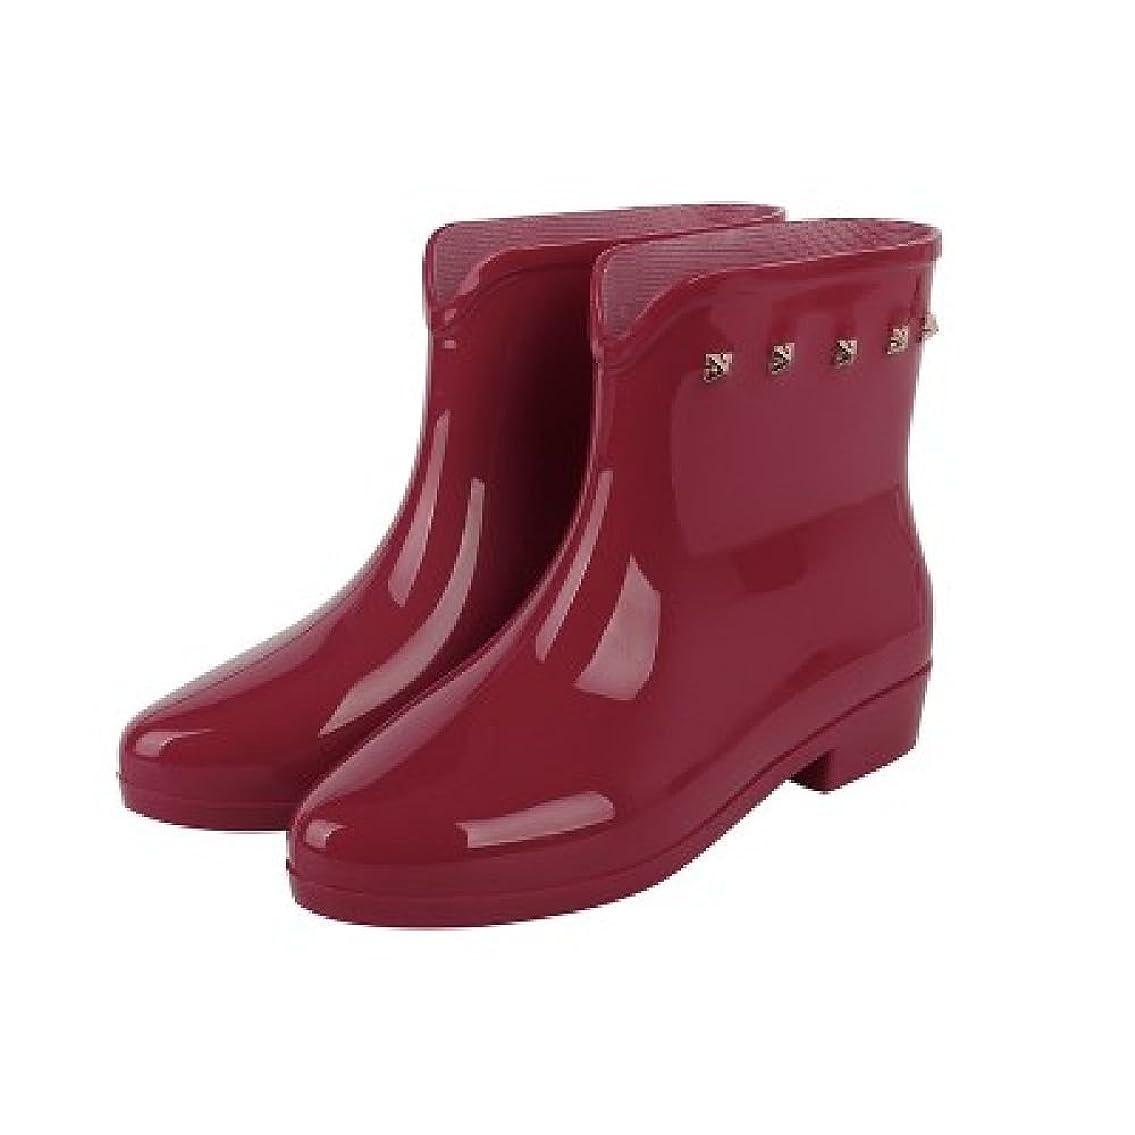 決定普通に発生[ヘブンデイズ] Heaven Days レインシューズ レインブーツ ショート 雨靴 スタッズ レディース 1704B0494